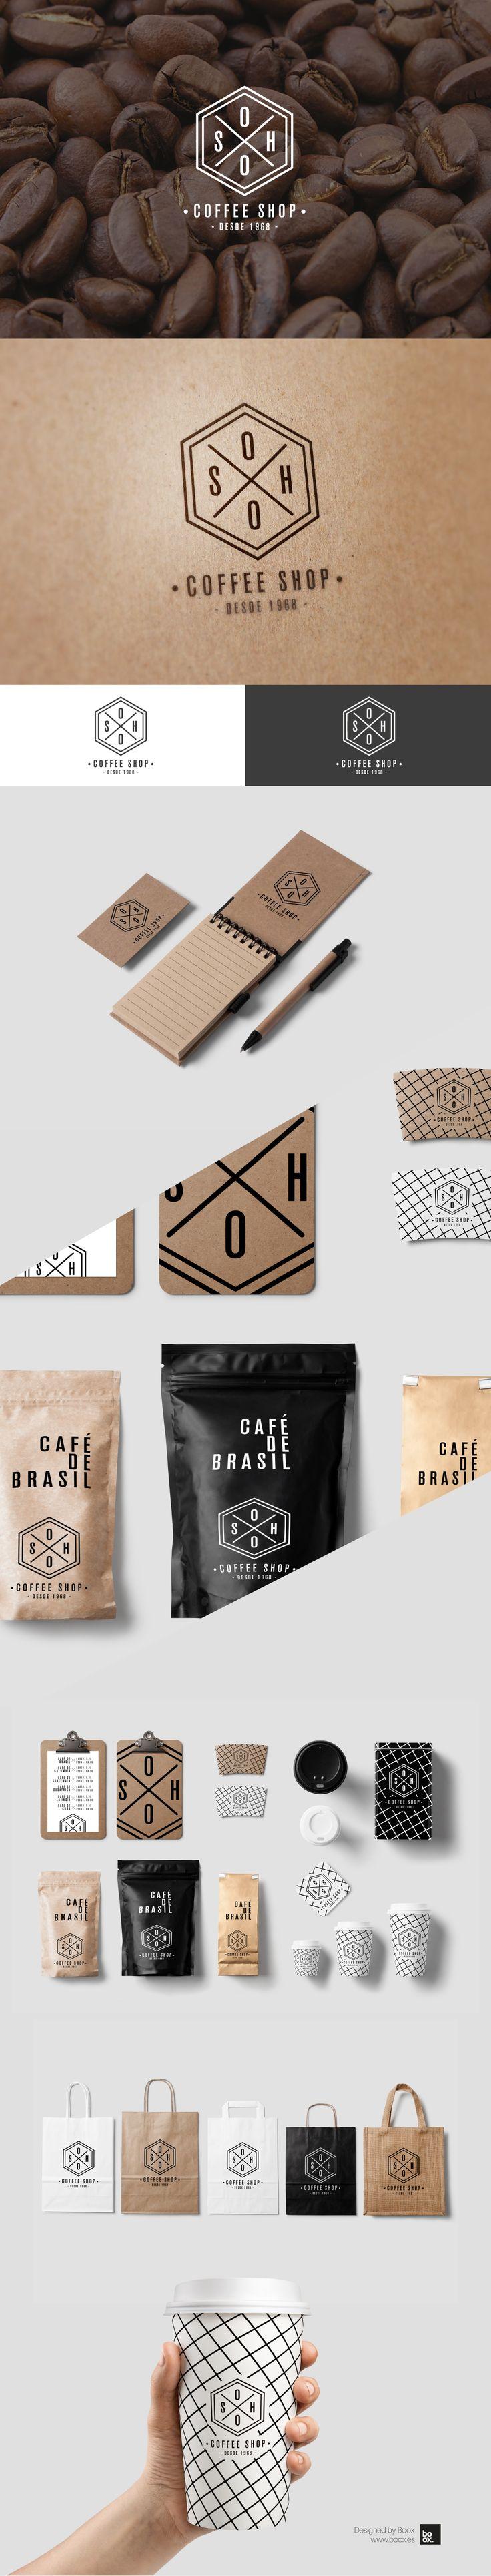 Identidad corporativa, branding y packaging http://www.boox.es